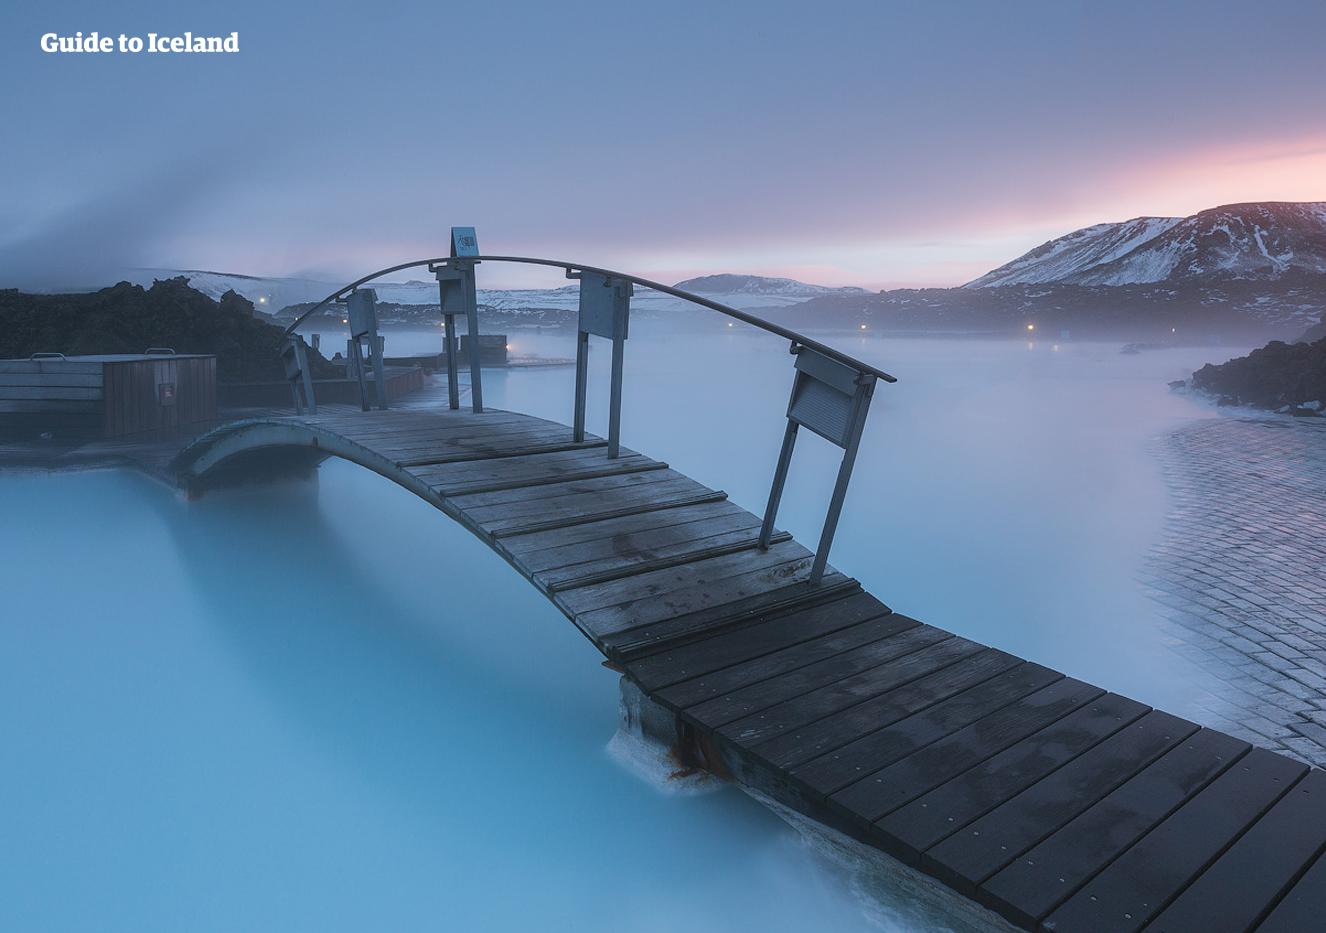 Bevor du nach Hause oder an dein nächstes Ziel fliegst, kannst du deine Batterien im Wellnessbad Blaue Lagune auf der Halbinsel Reykjanes noch einmal richtig aufladen.